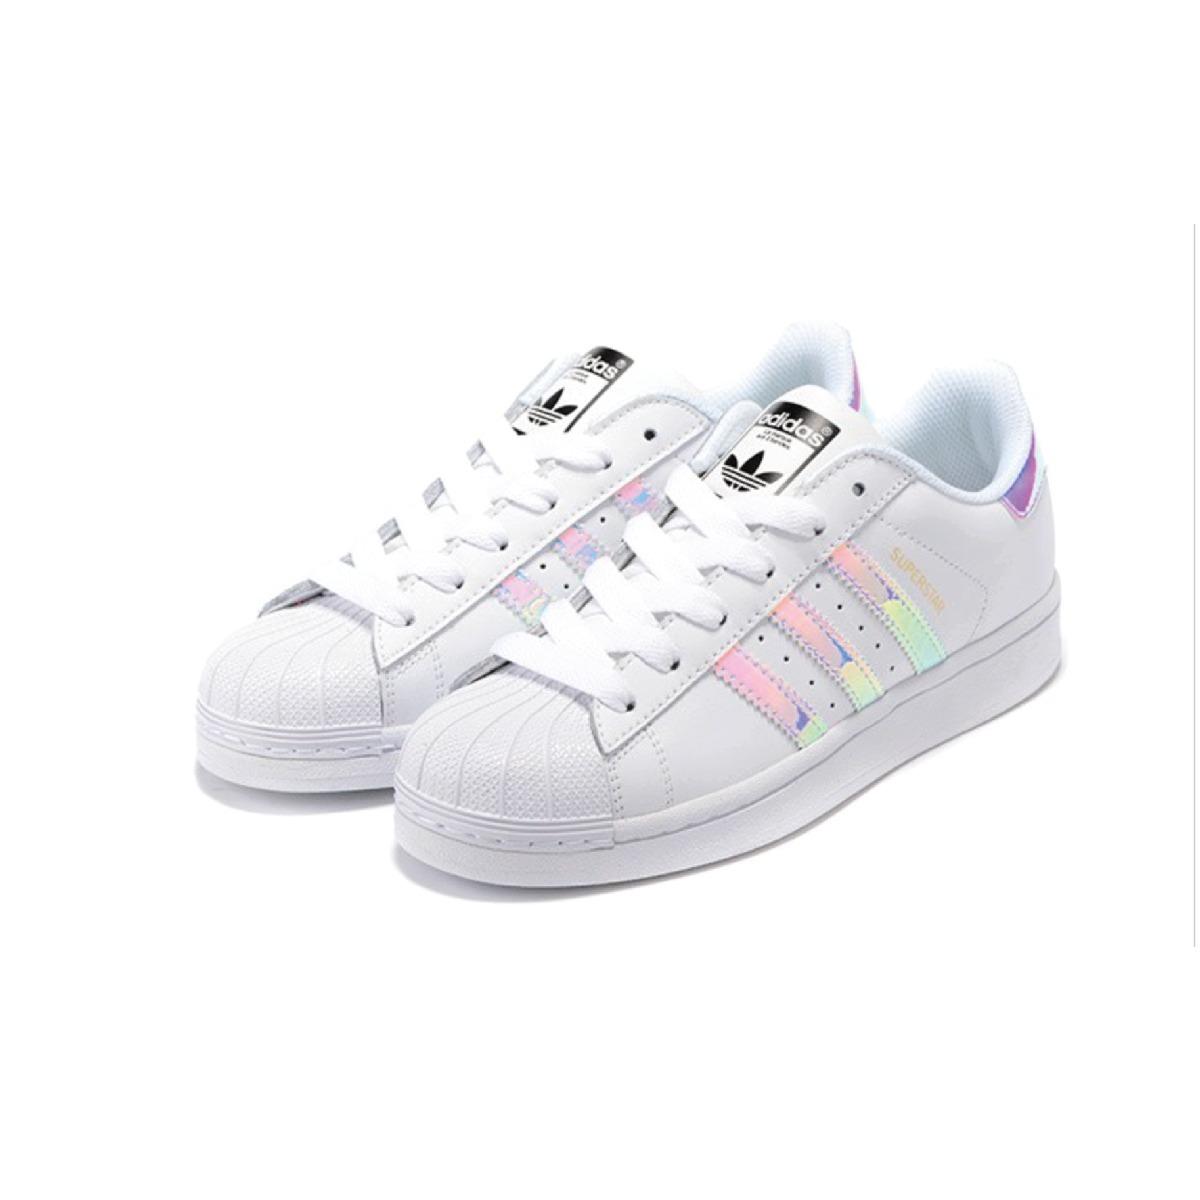 En Marca Zapatos Niña El De R74wx7zyq Zapatillas Adidas fqEE5